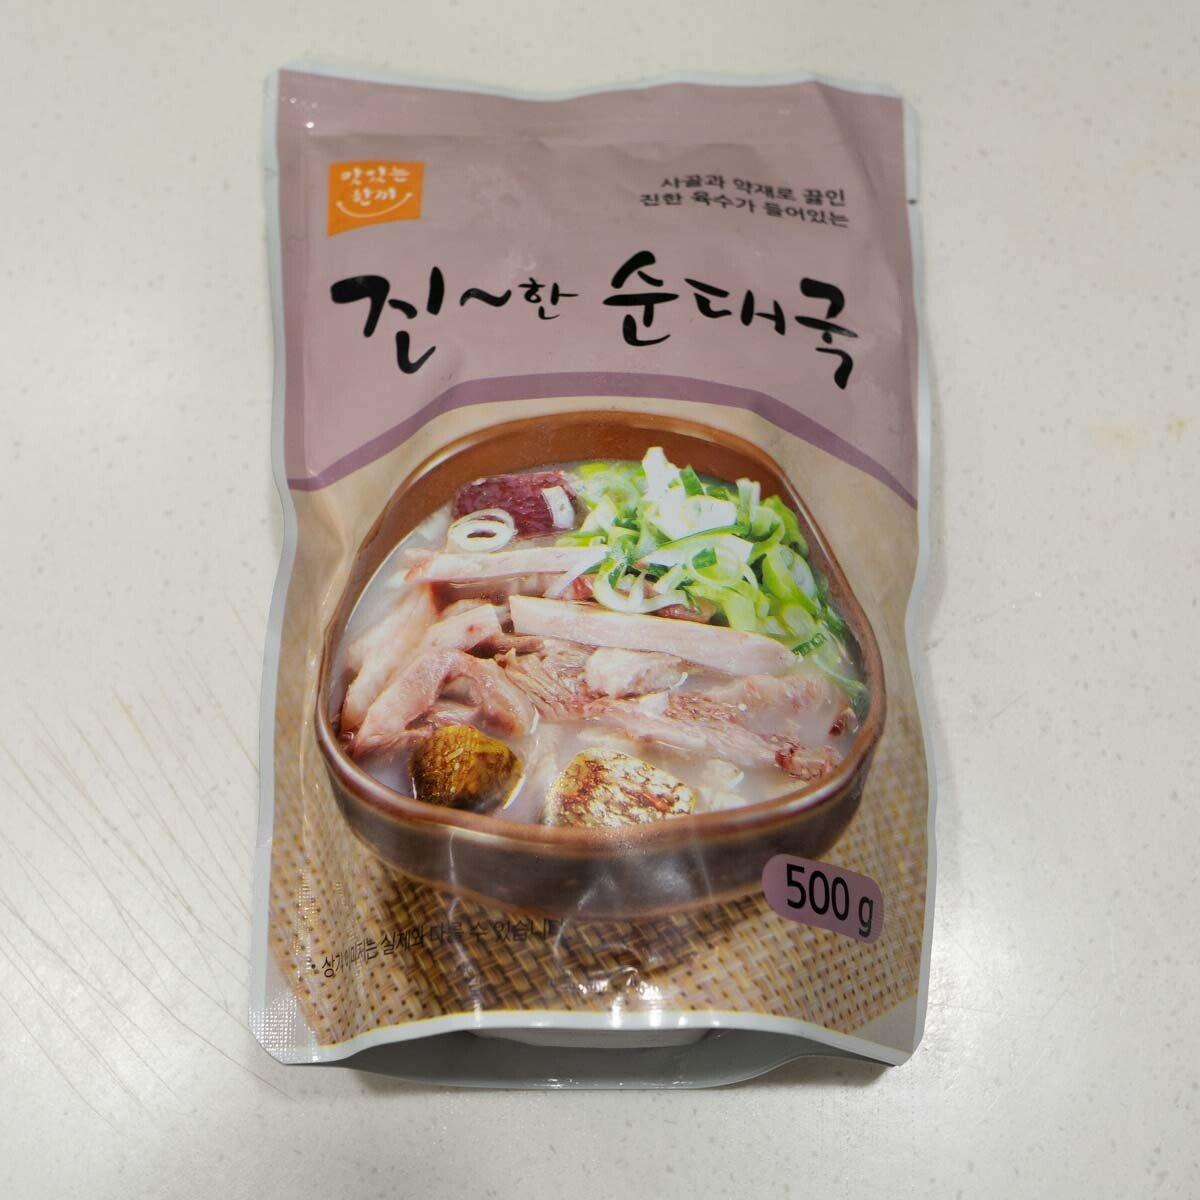 대충 재료비 3800원짜리 순대국밥